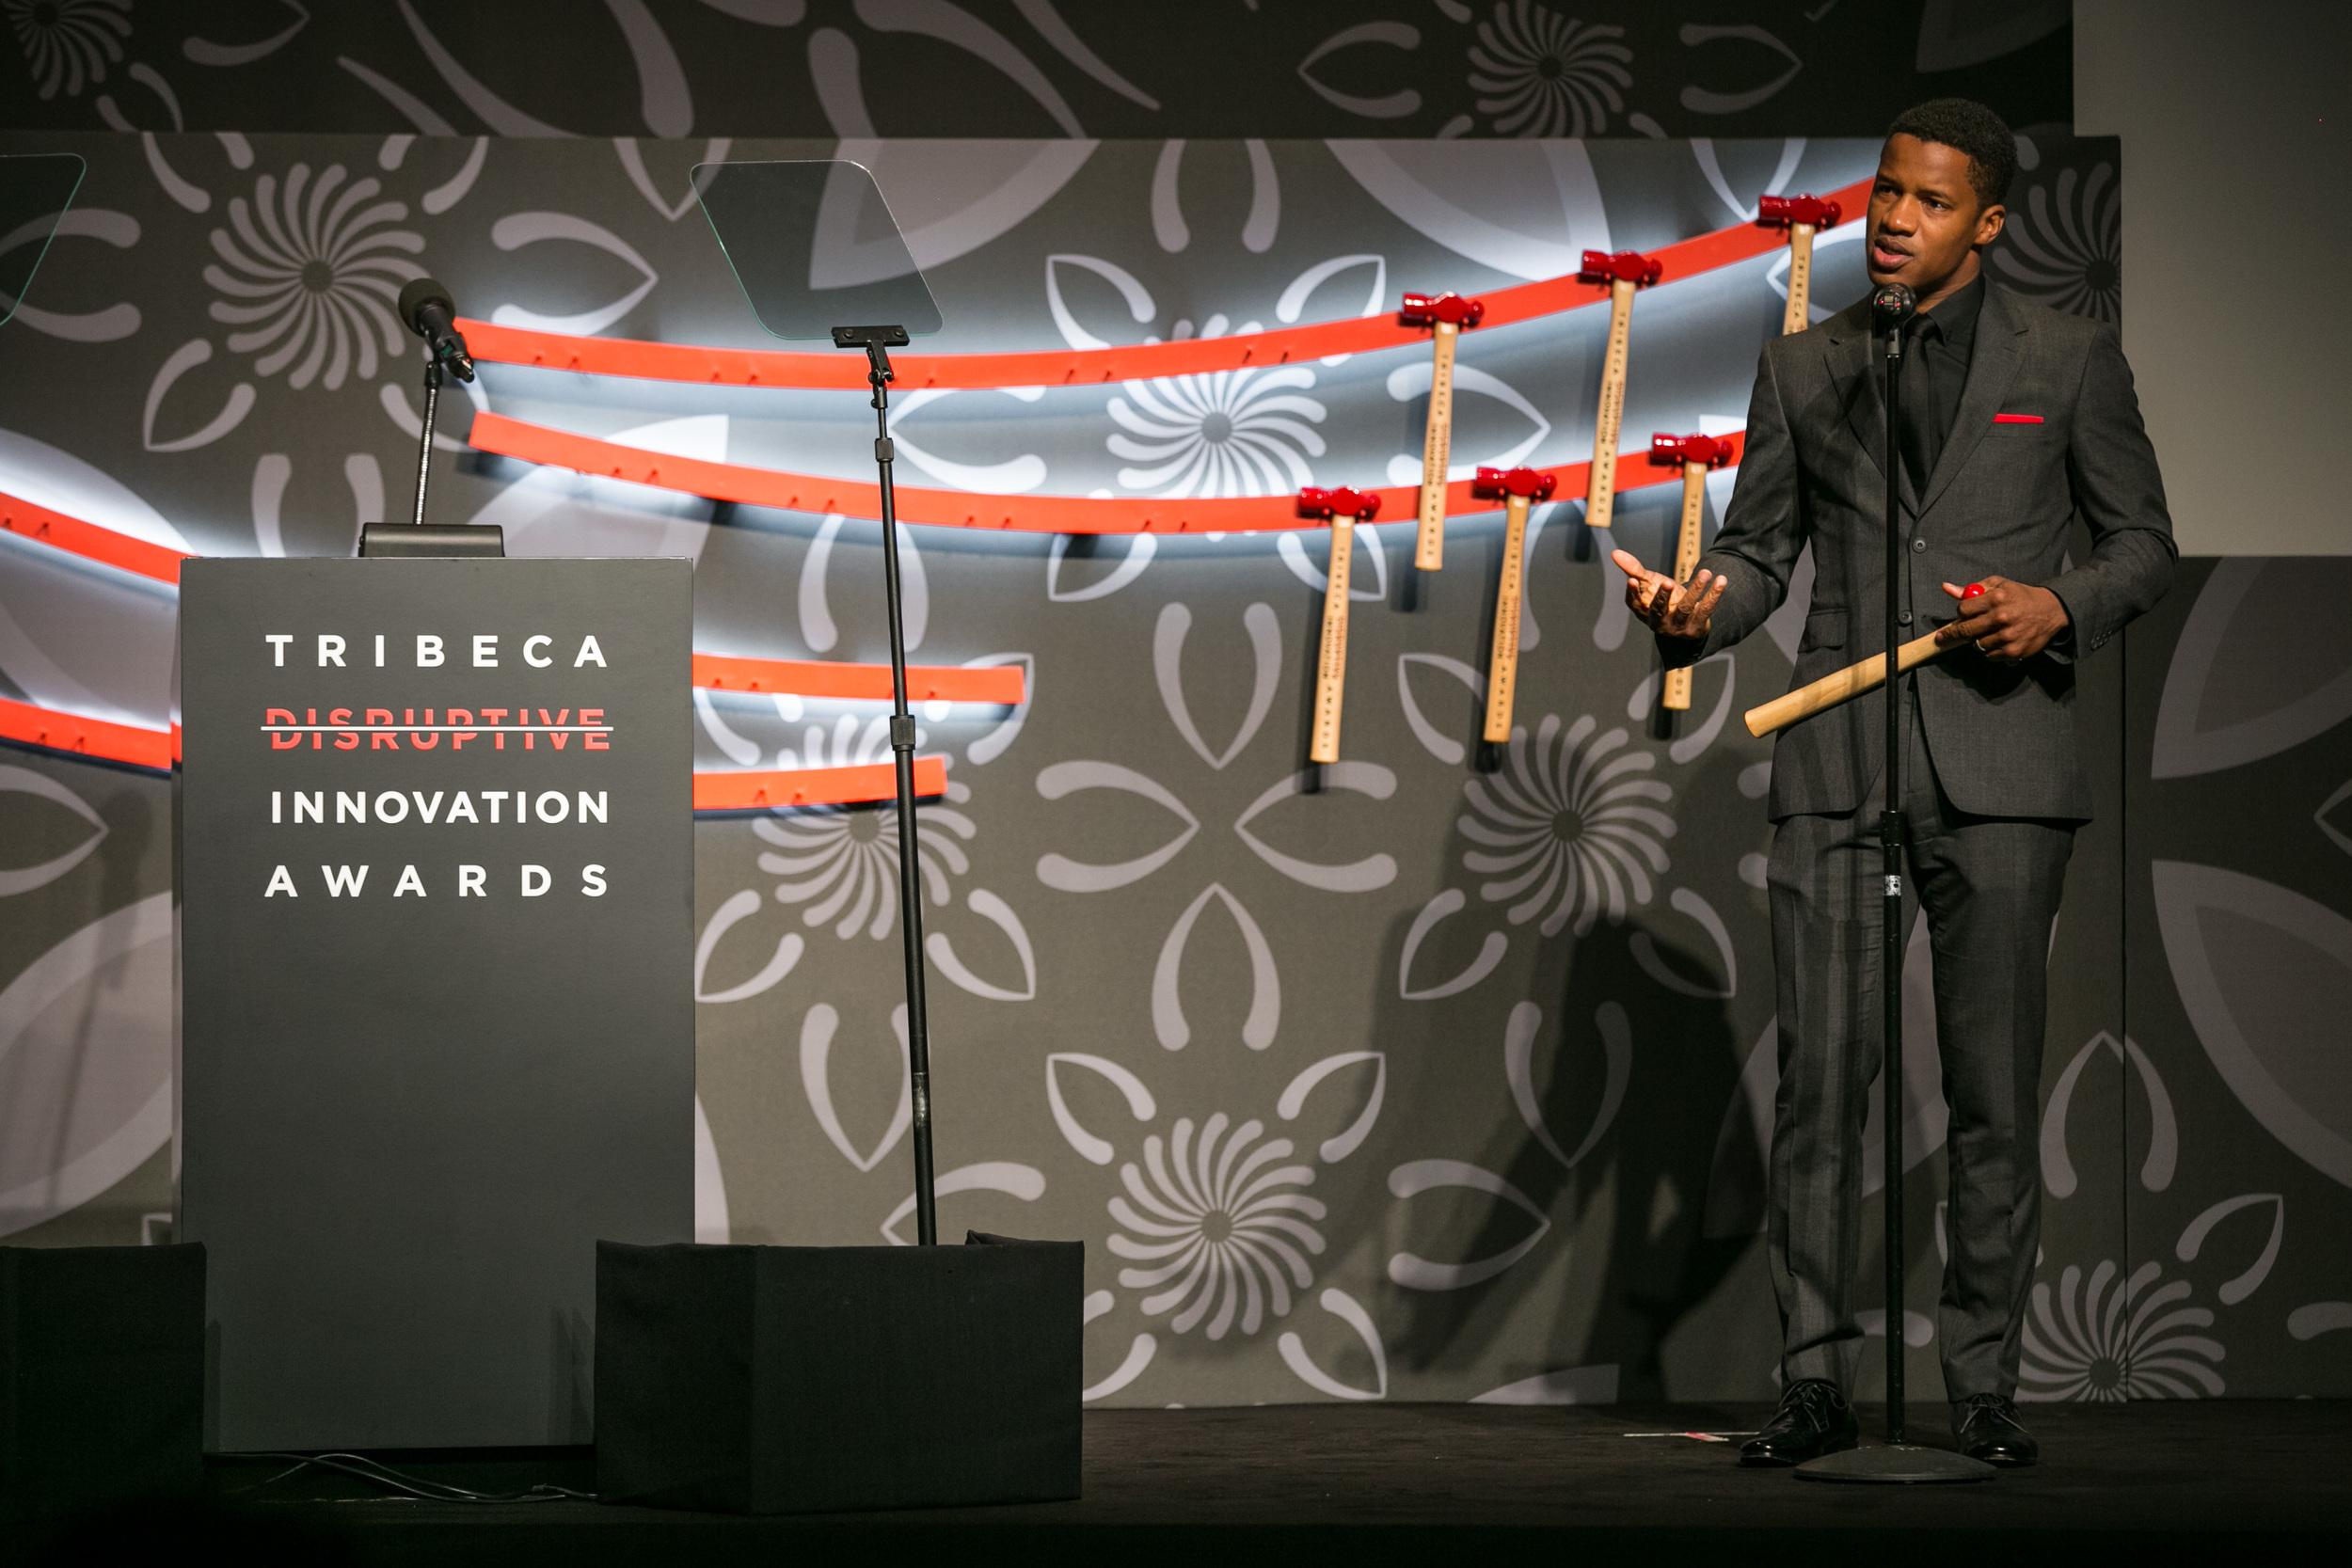 20160422-Tribeca Disruptive Innovation Awards-1314.jpg